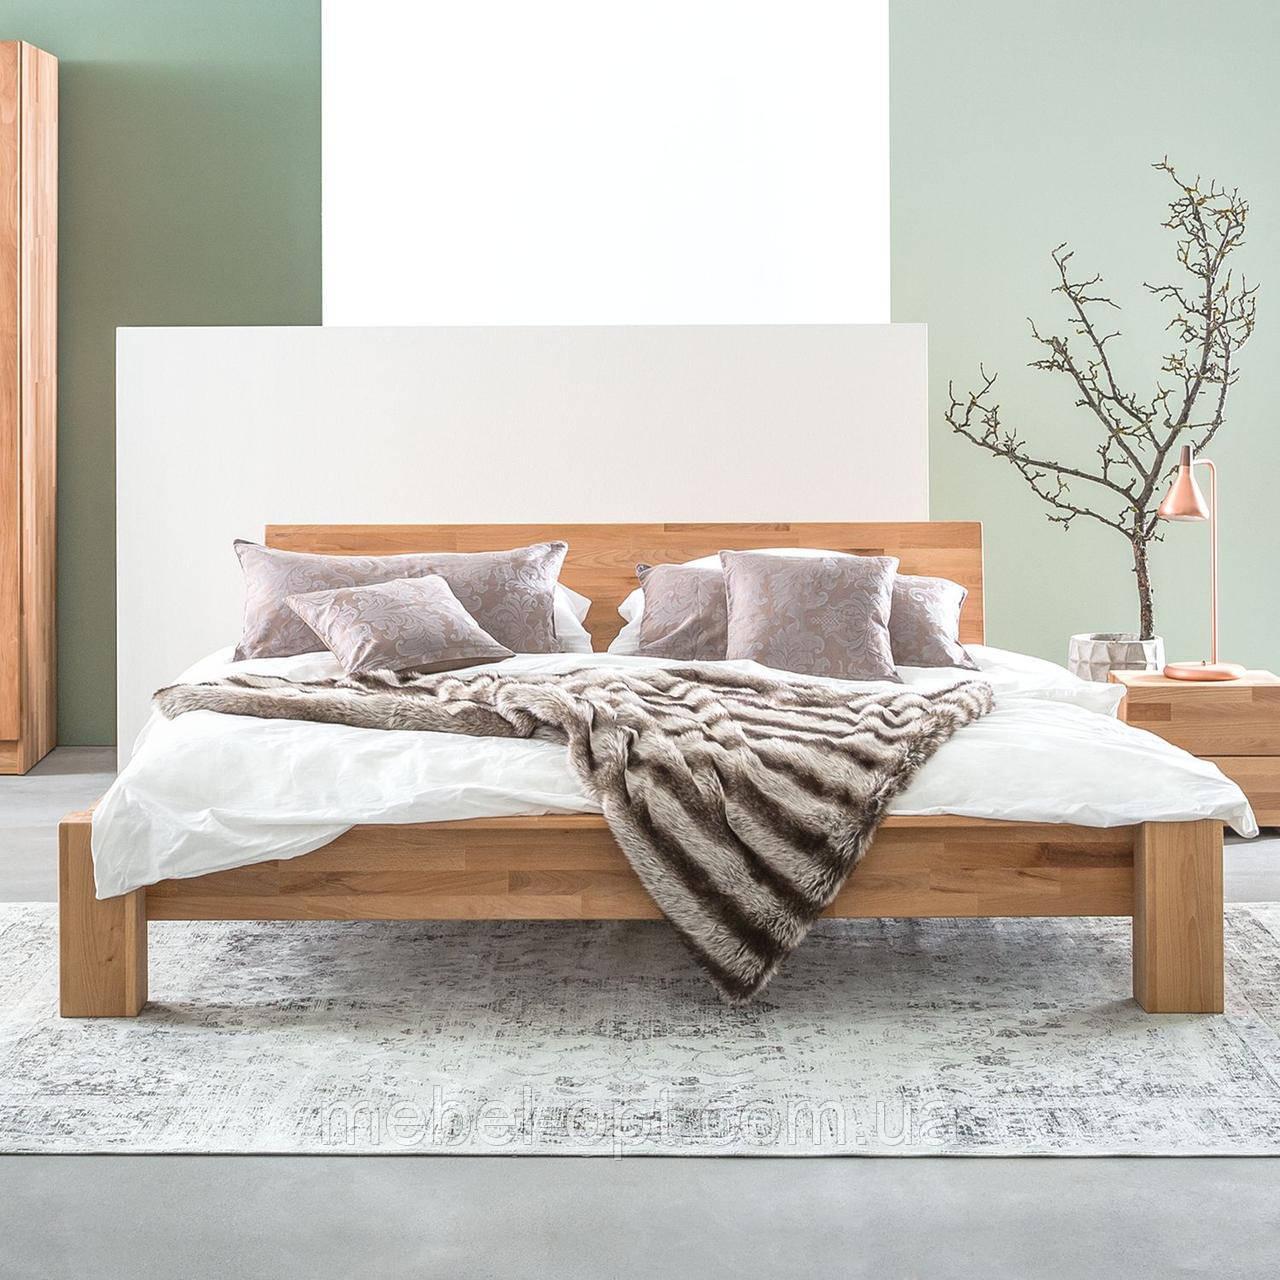 Кровать двуспальная b114